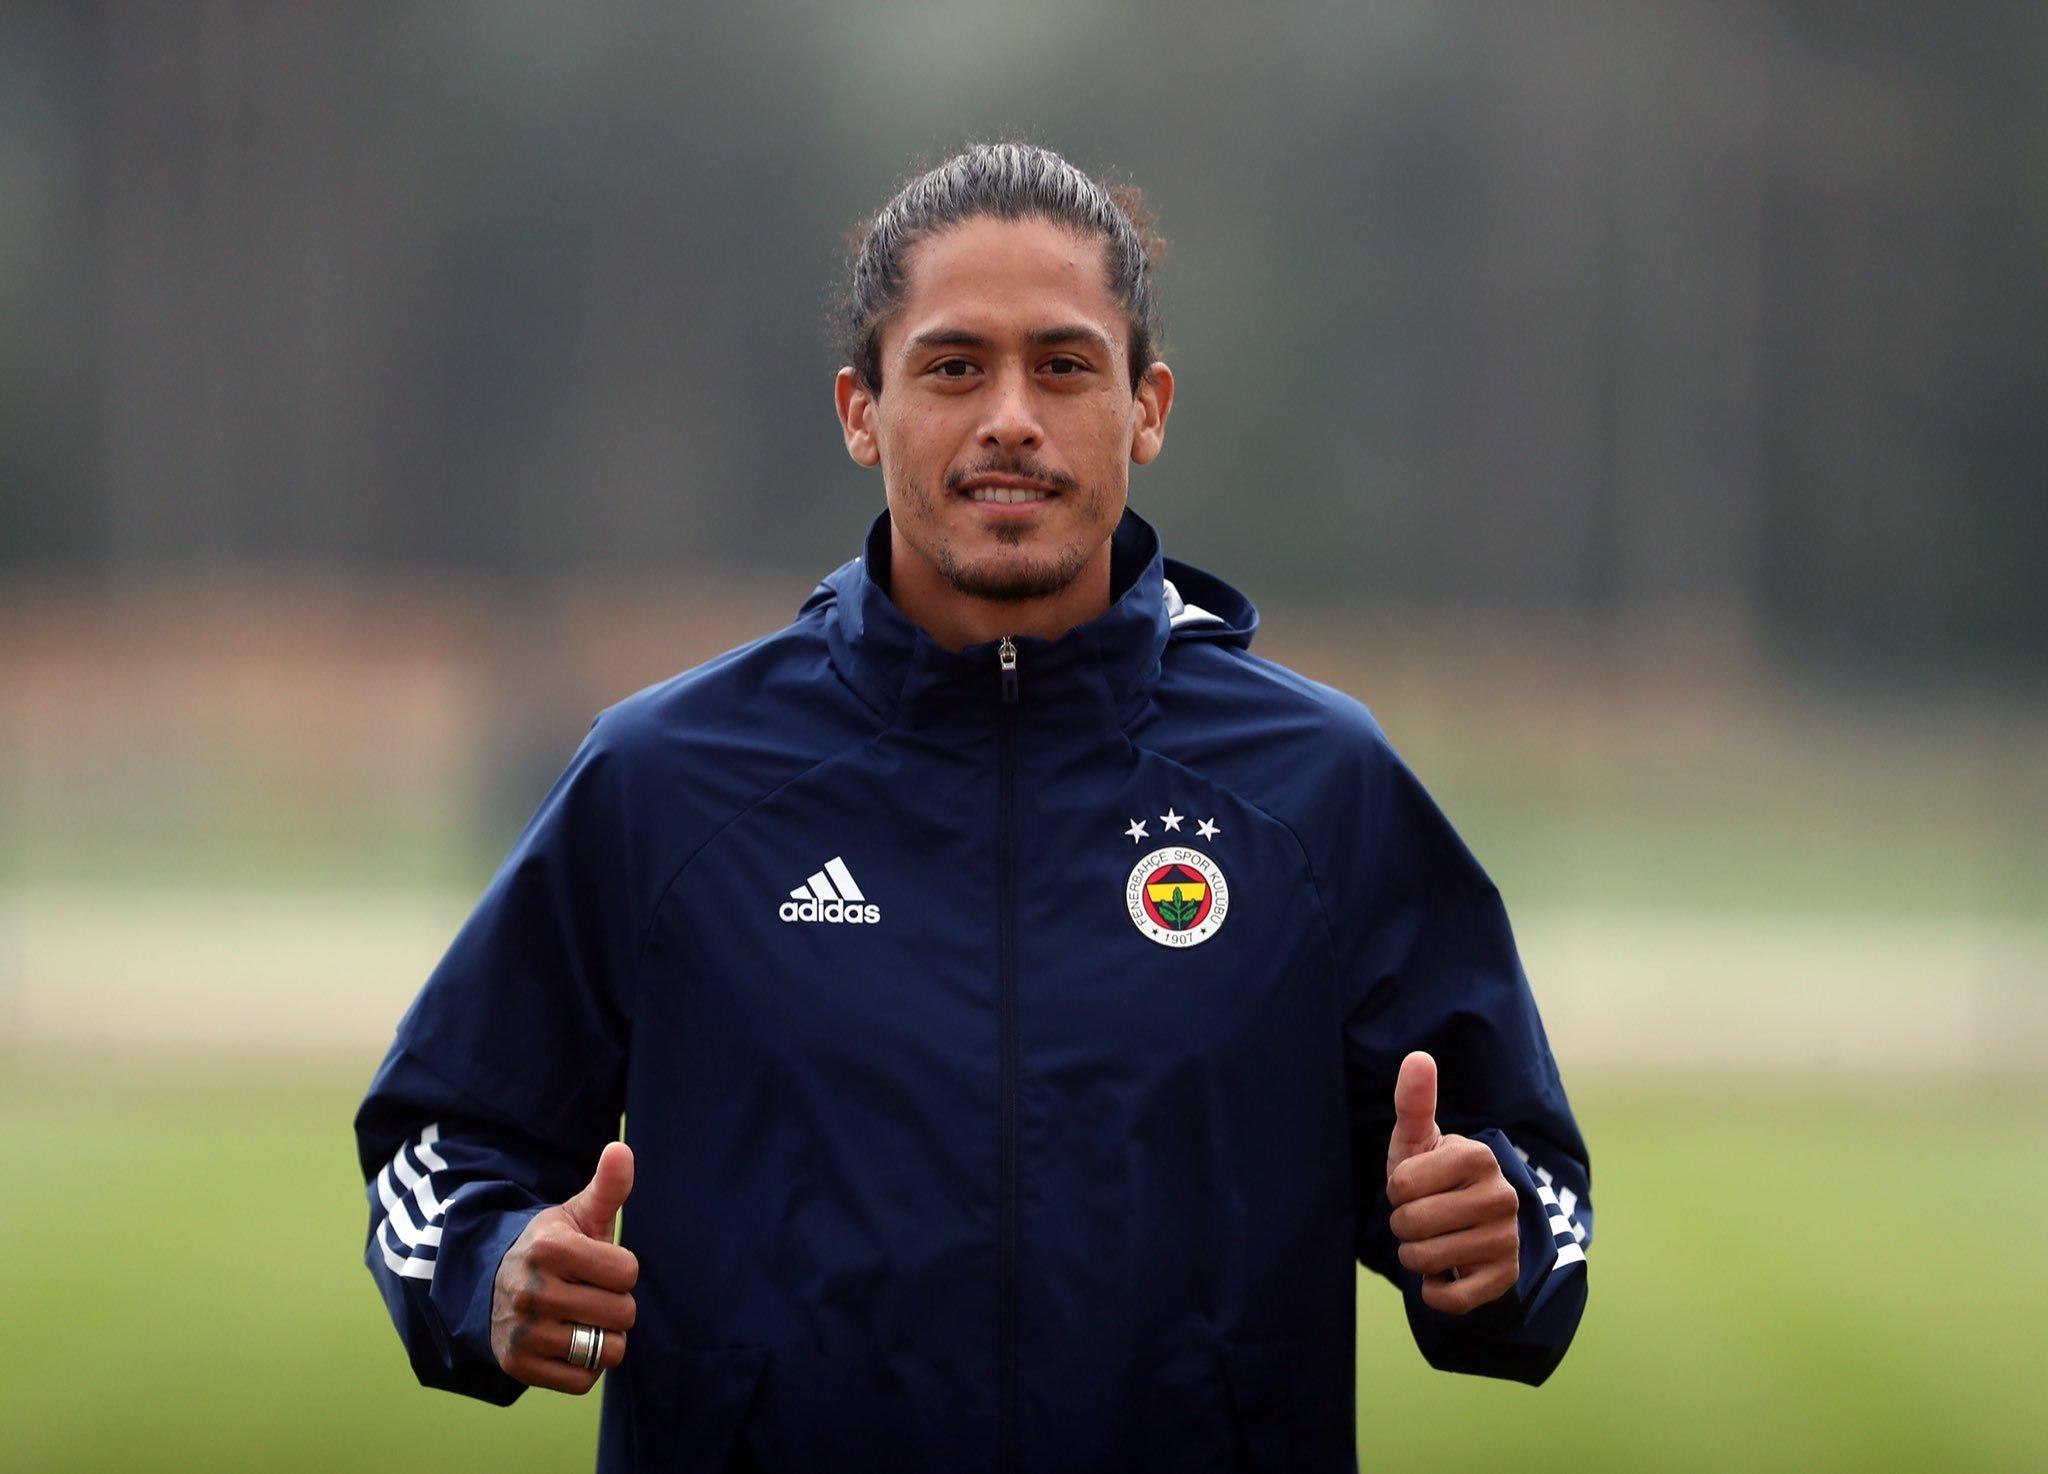 fenerbahcede yeni transfer lemos ilk antrenmanina cikti 1598463642827 - Fenerbahçe'nin yeni transferi Lemos ilk antrenmanına çıktı